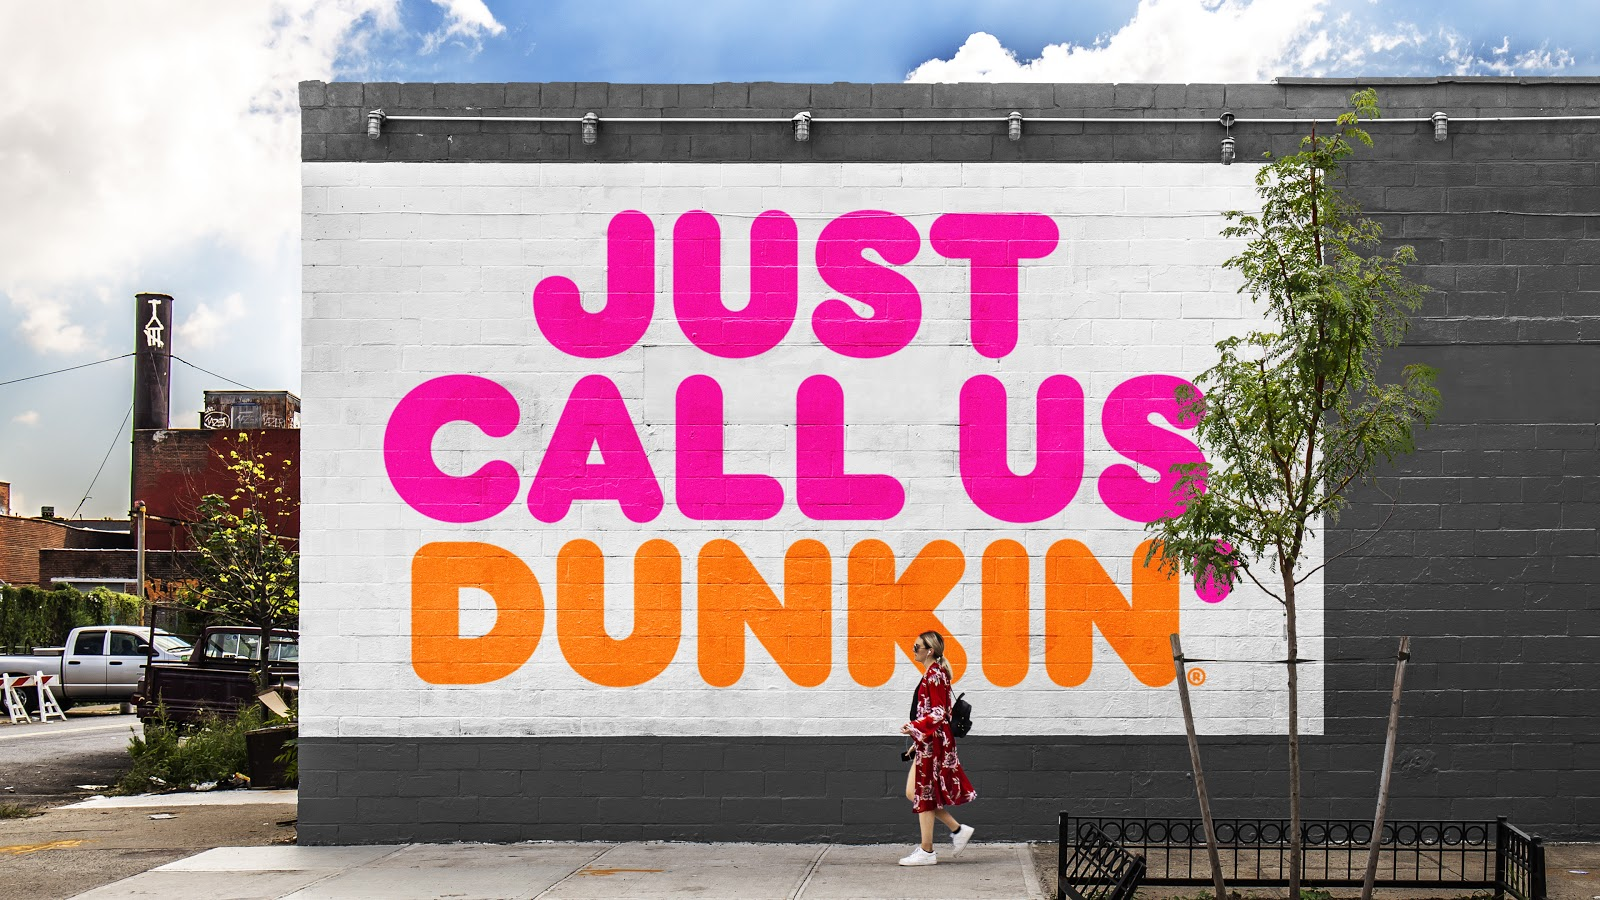 17_Dunkin_OOH_JustCallUsDunkin-1